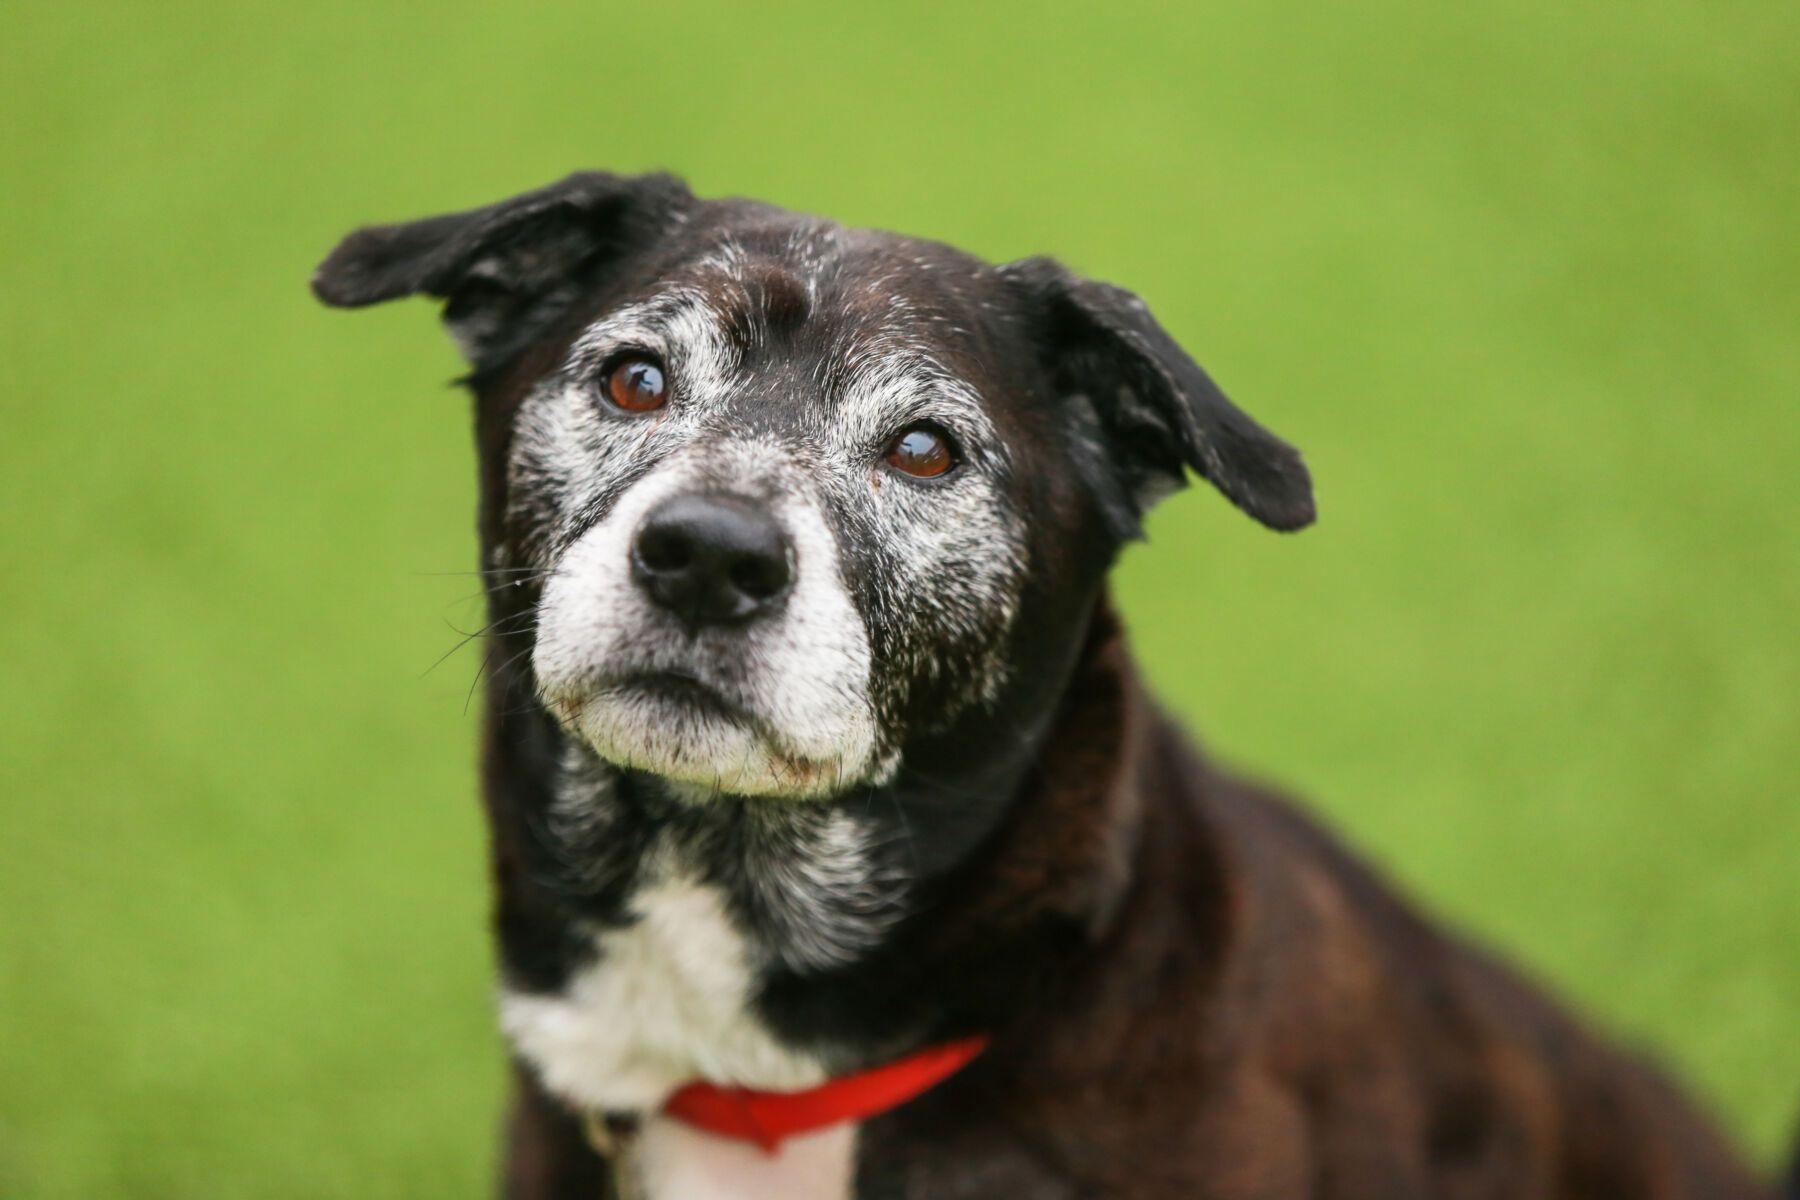 Battersea dog Img 4745